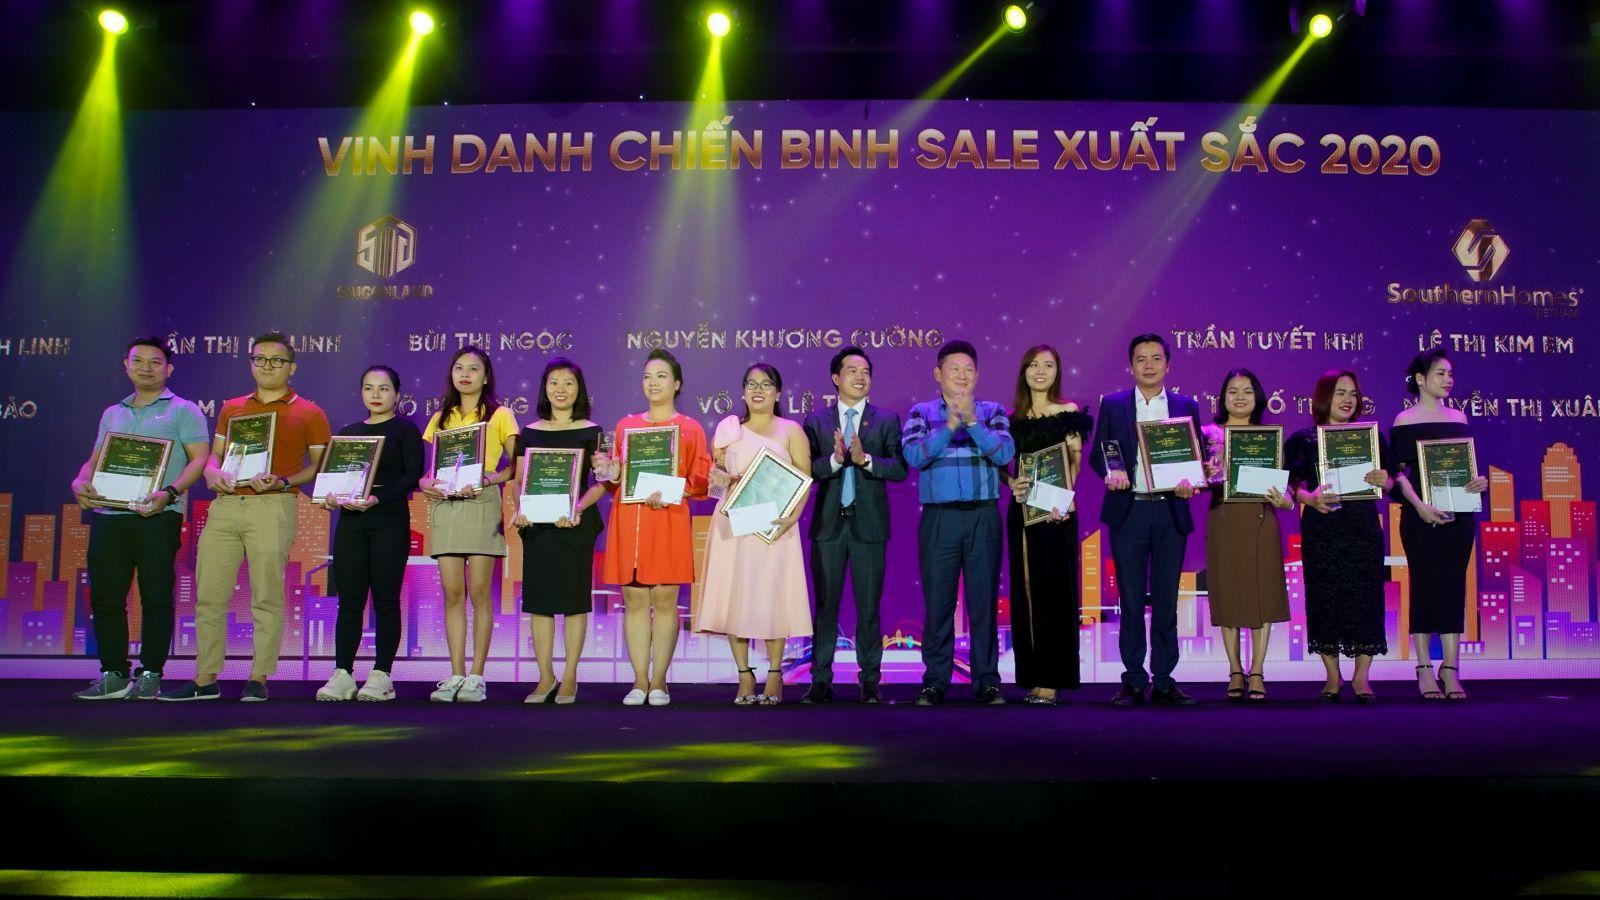 Hàng chục chuyên viên kinh doanh của các đại lý phân phối được chủ đầu tư tôn vinh, trao thưởng